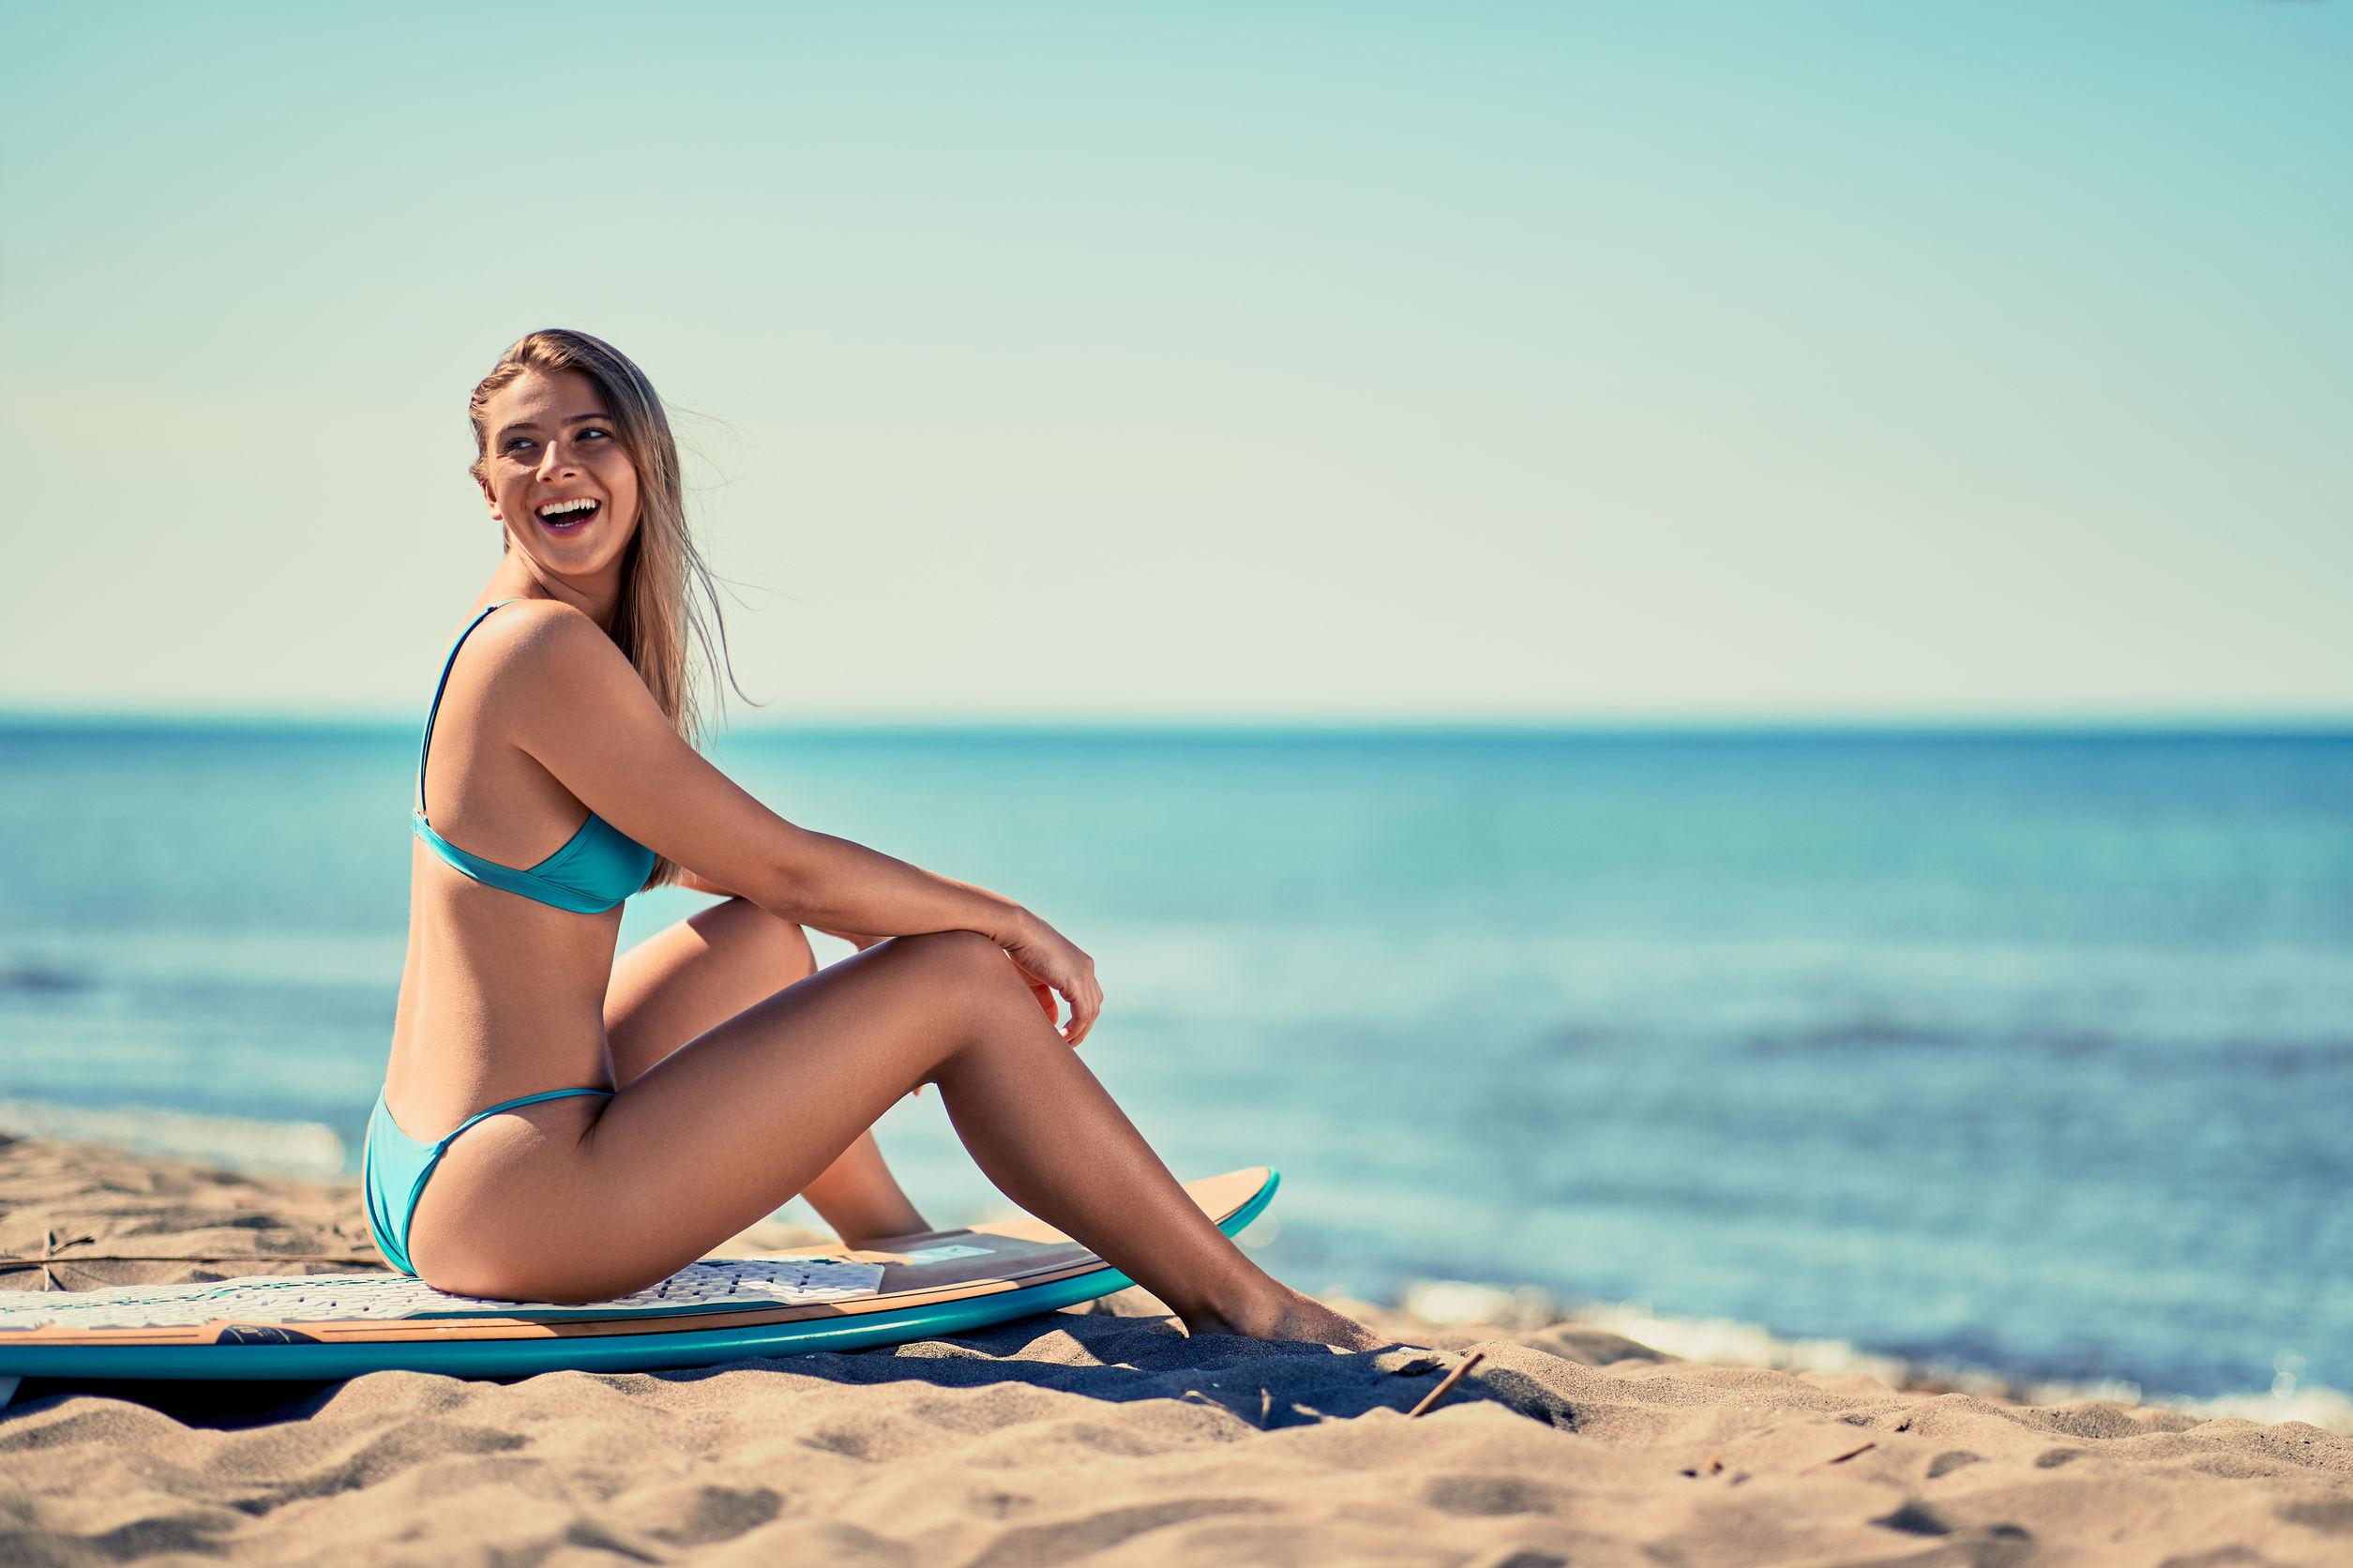 Beste Sport Bikini: Winkelgids en Aanbevelingen (09/21)